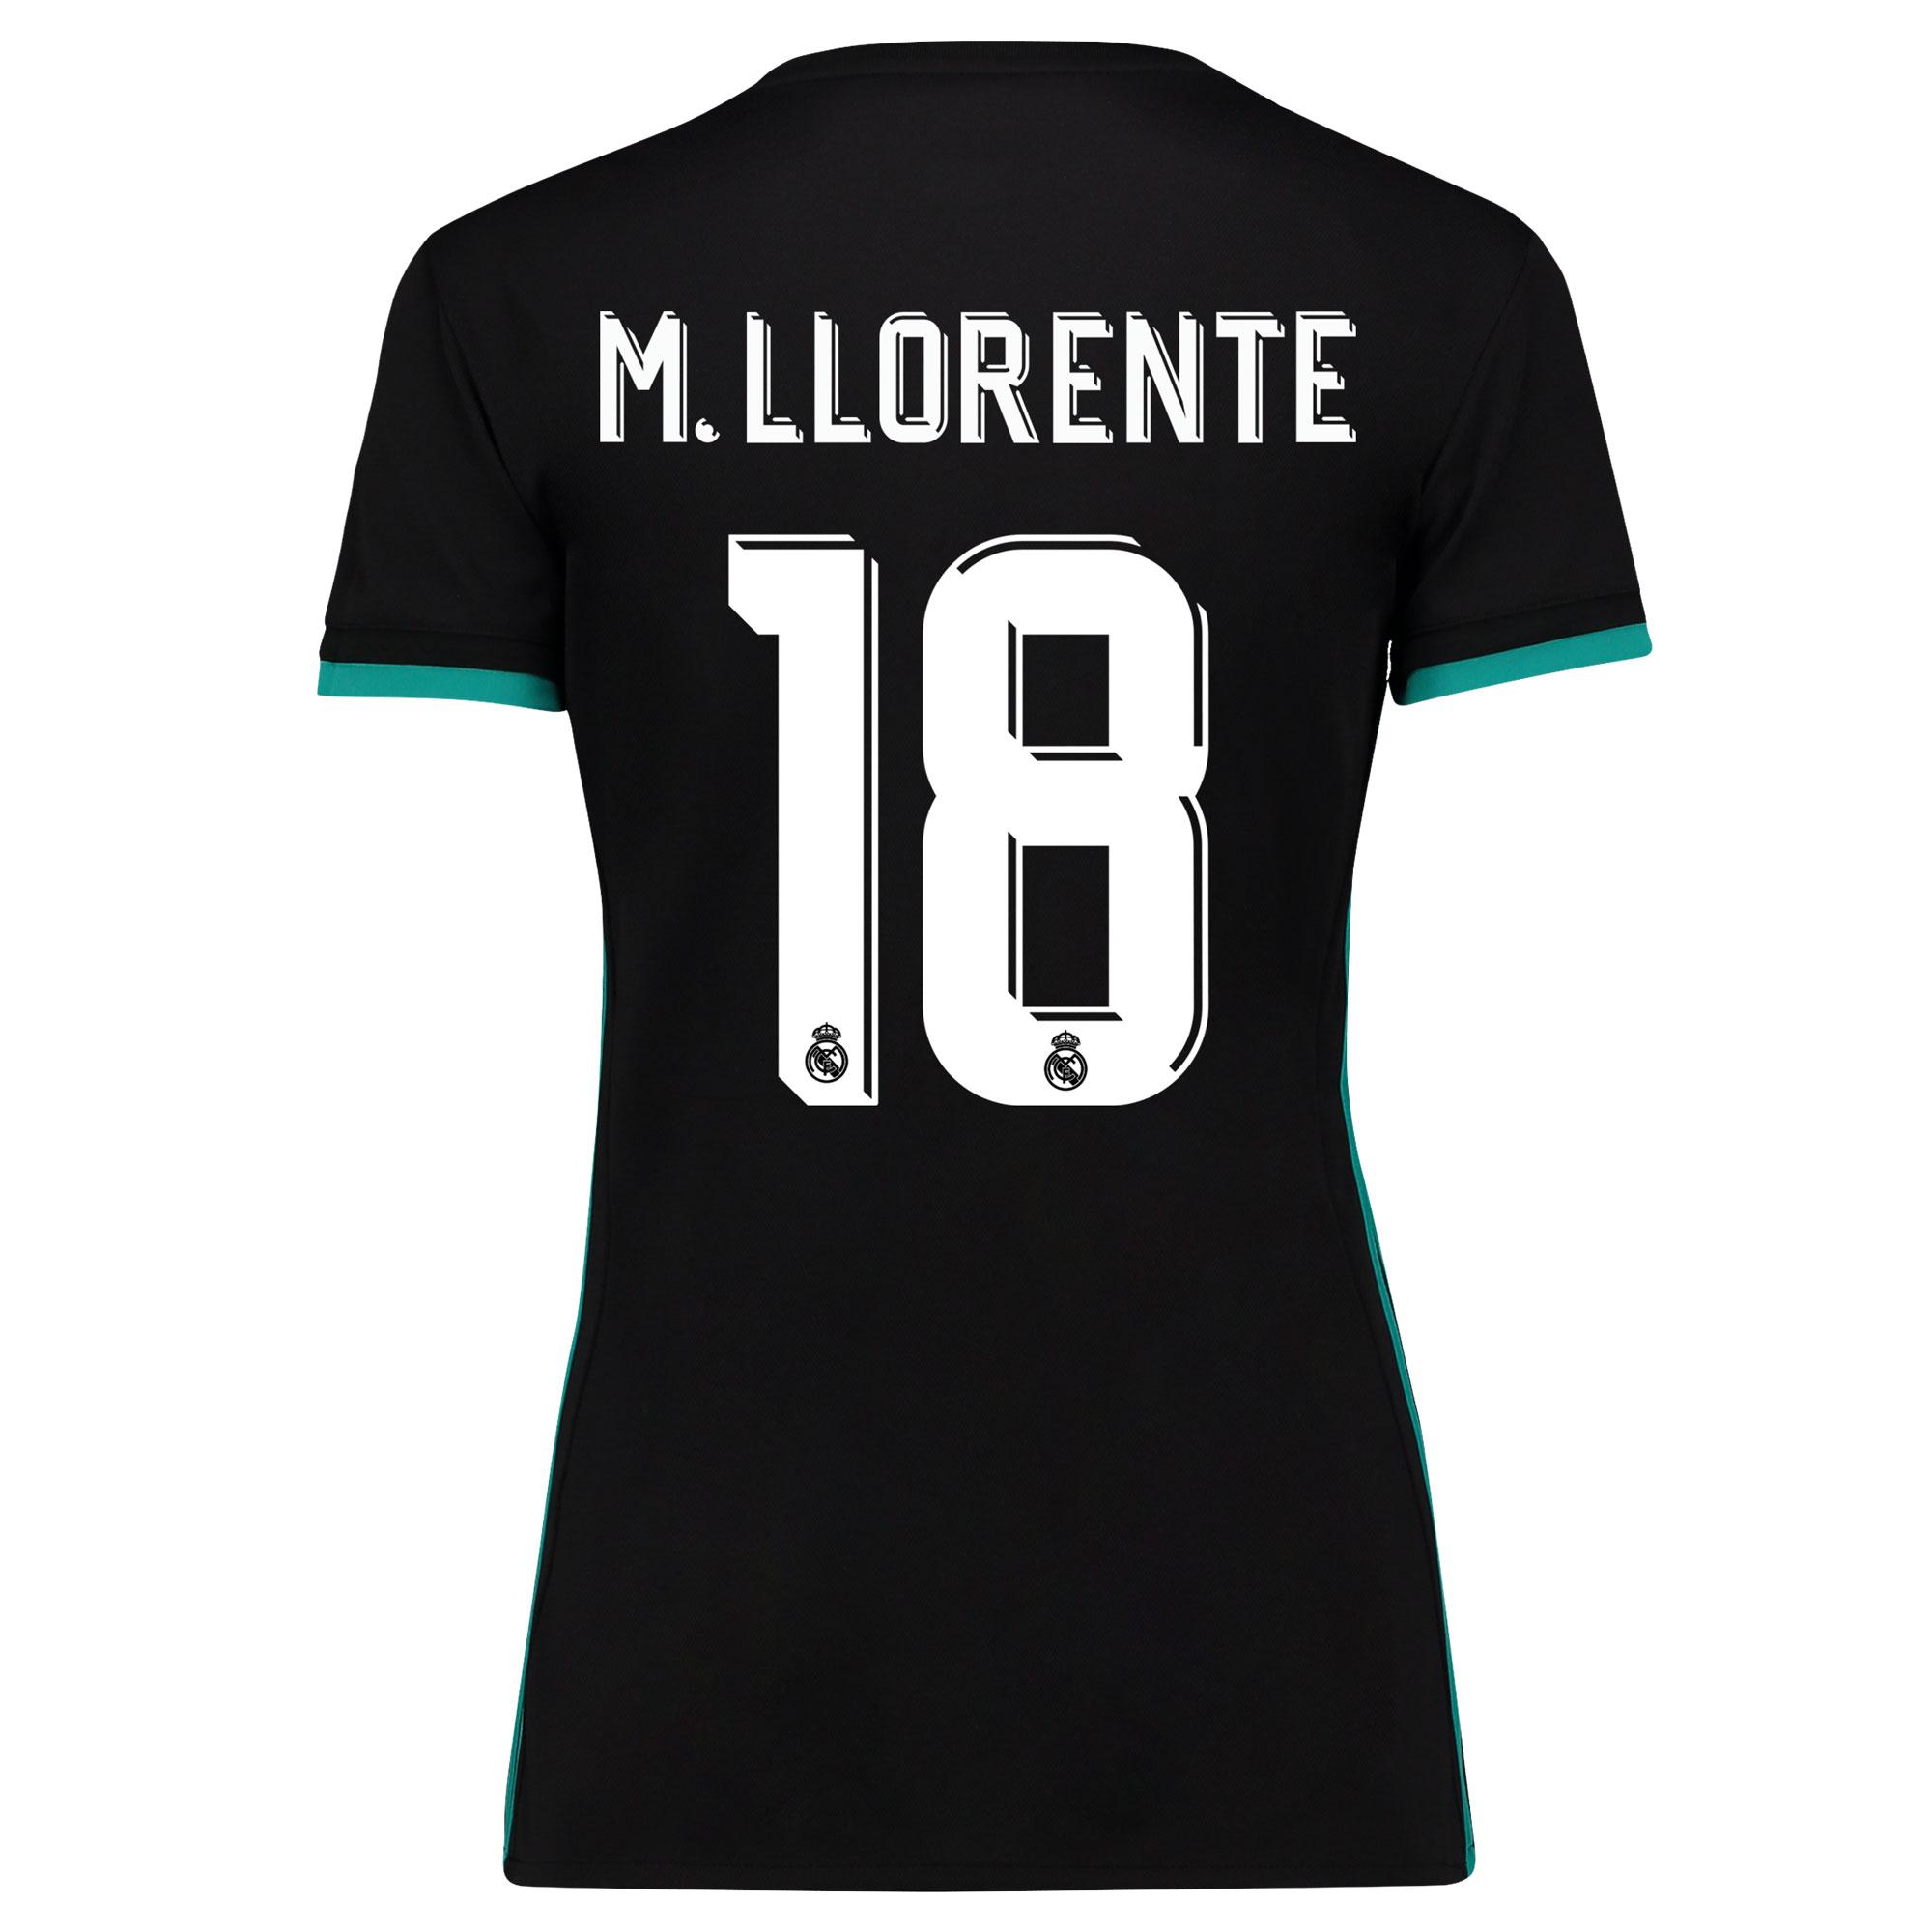 Camiseta de la 2ª equipación Real Madrid 2017/18 - Mujer con estampado M. Llorente 18